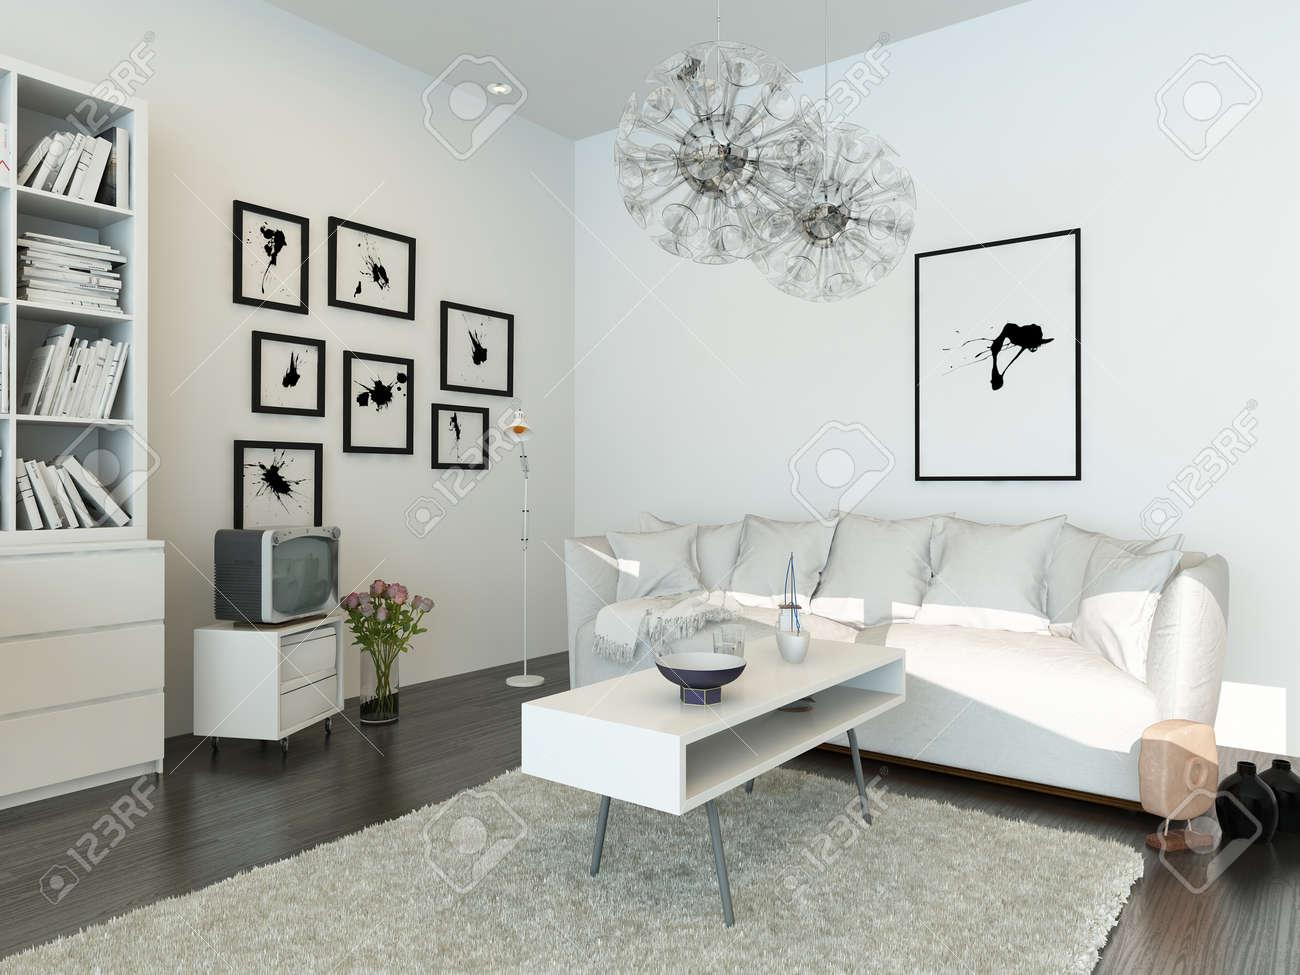 Moderne Wohnzimmer Mit Weißen Couch Und Weißen Schrank Lizenzfreie ...